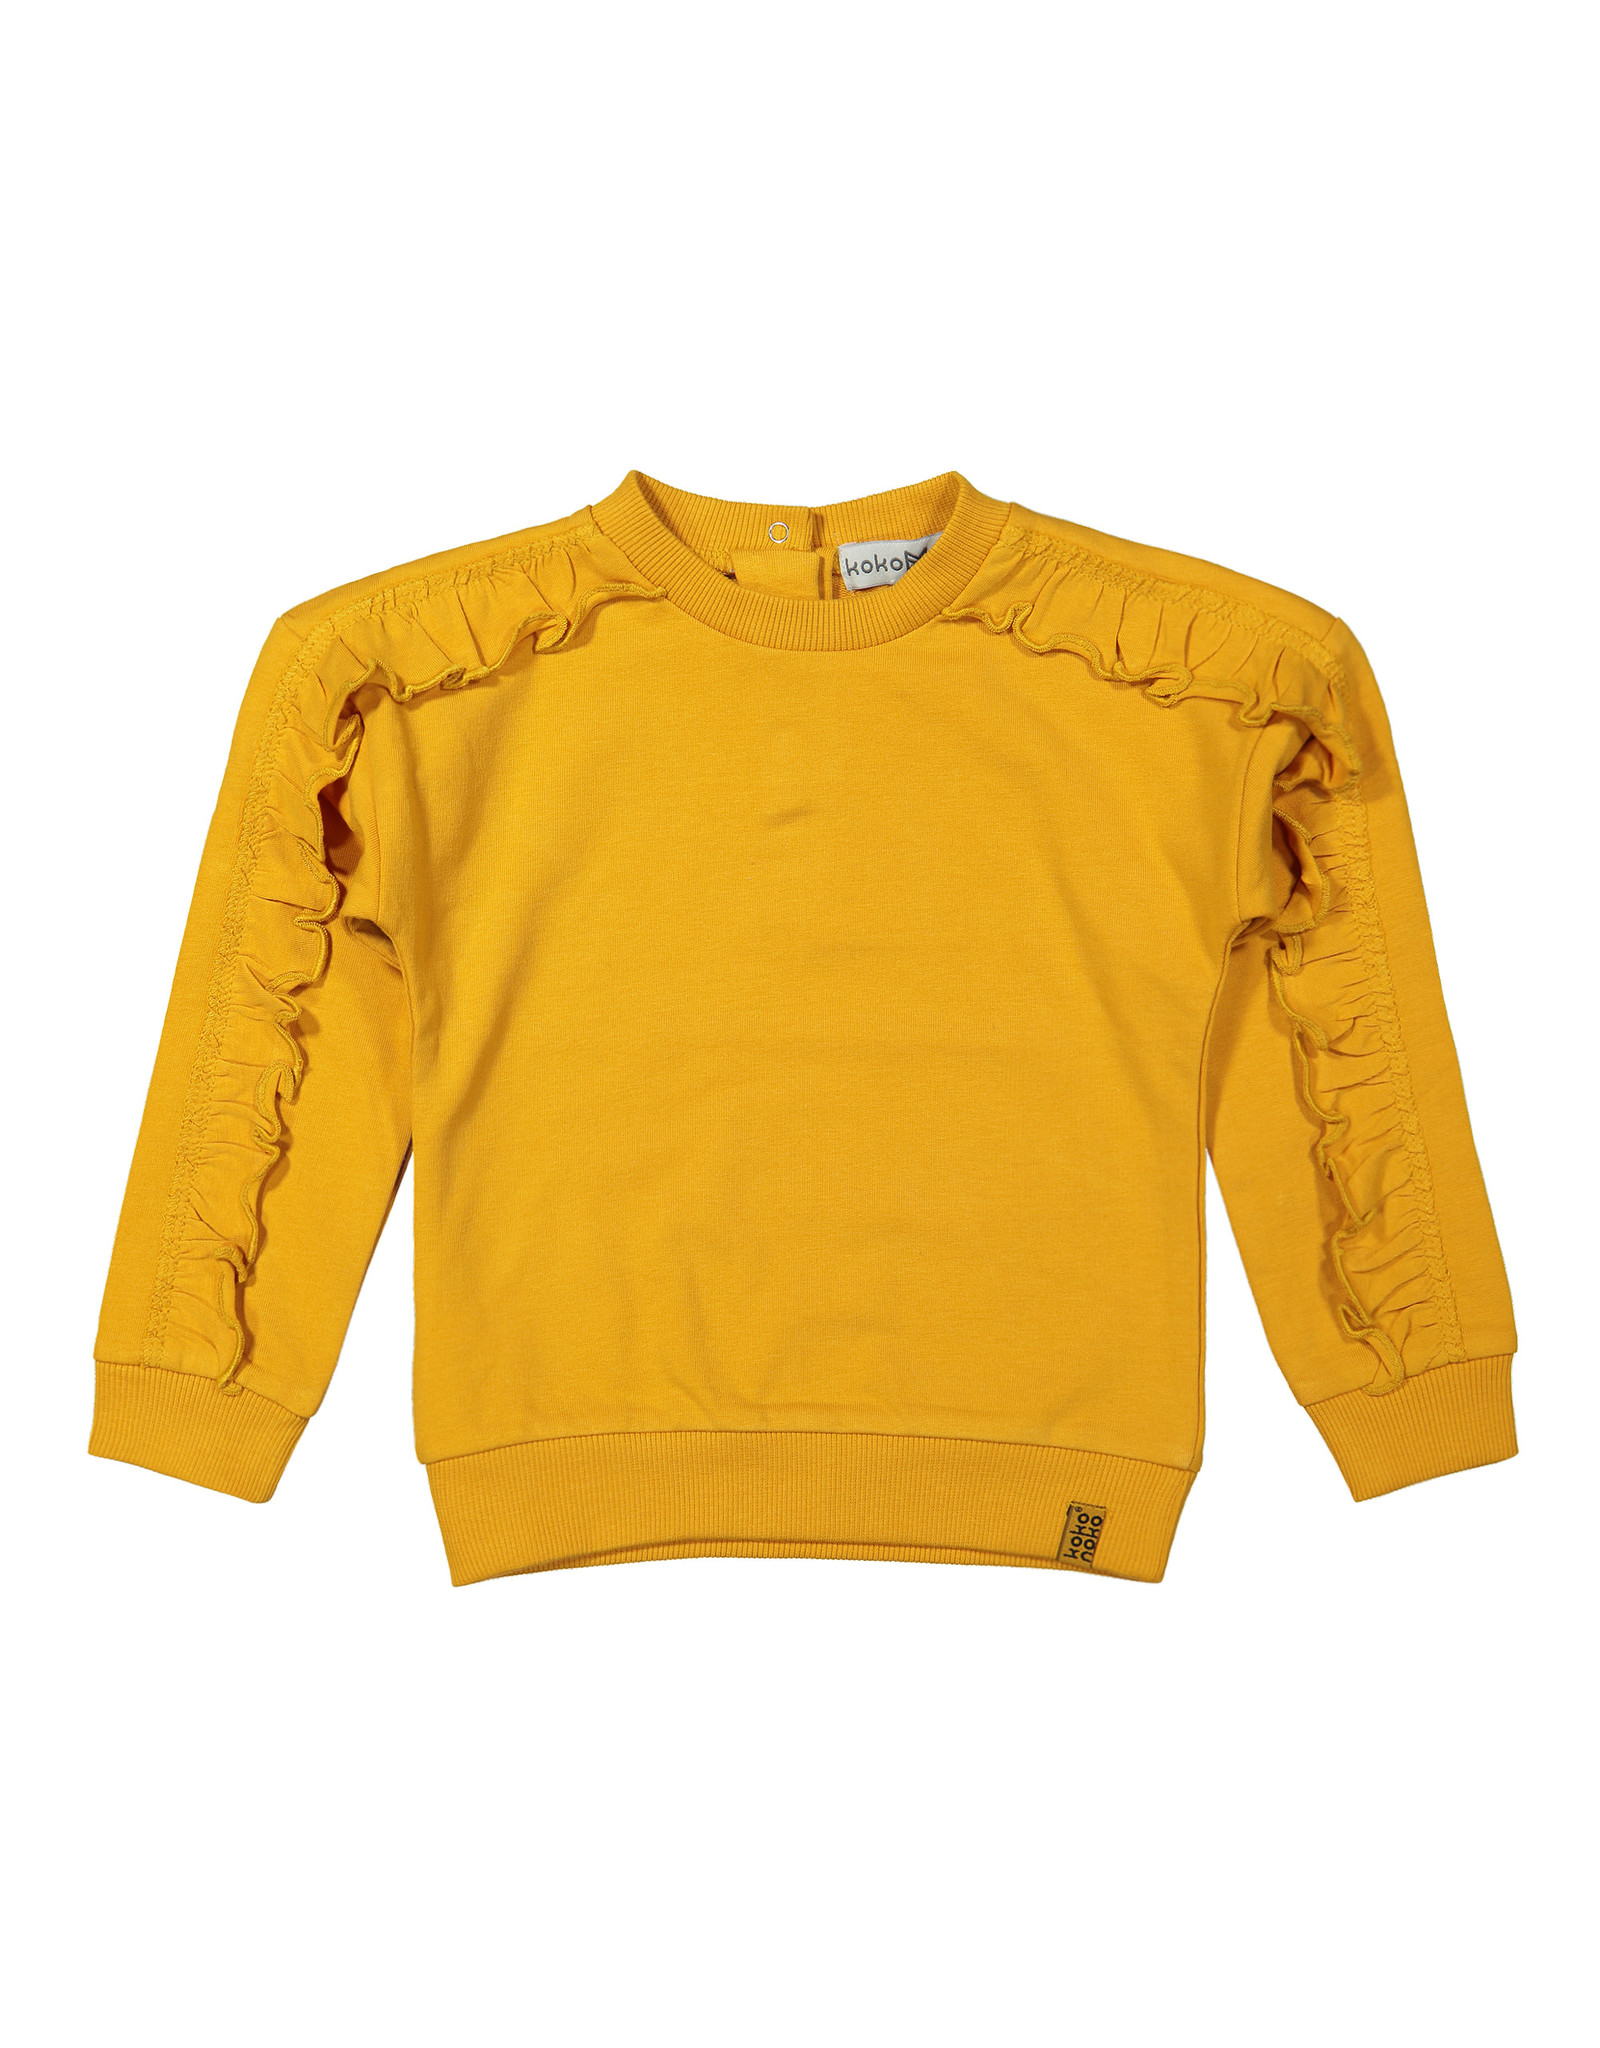 Koko Noko Girls Sweater ls Ochre